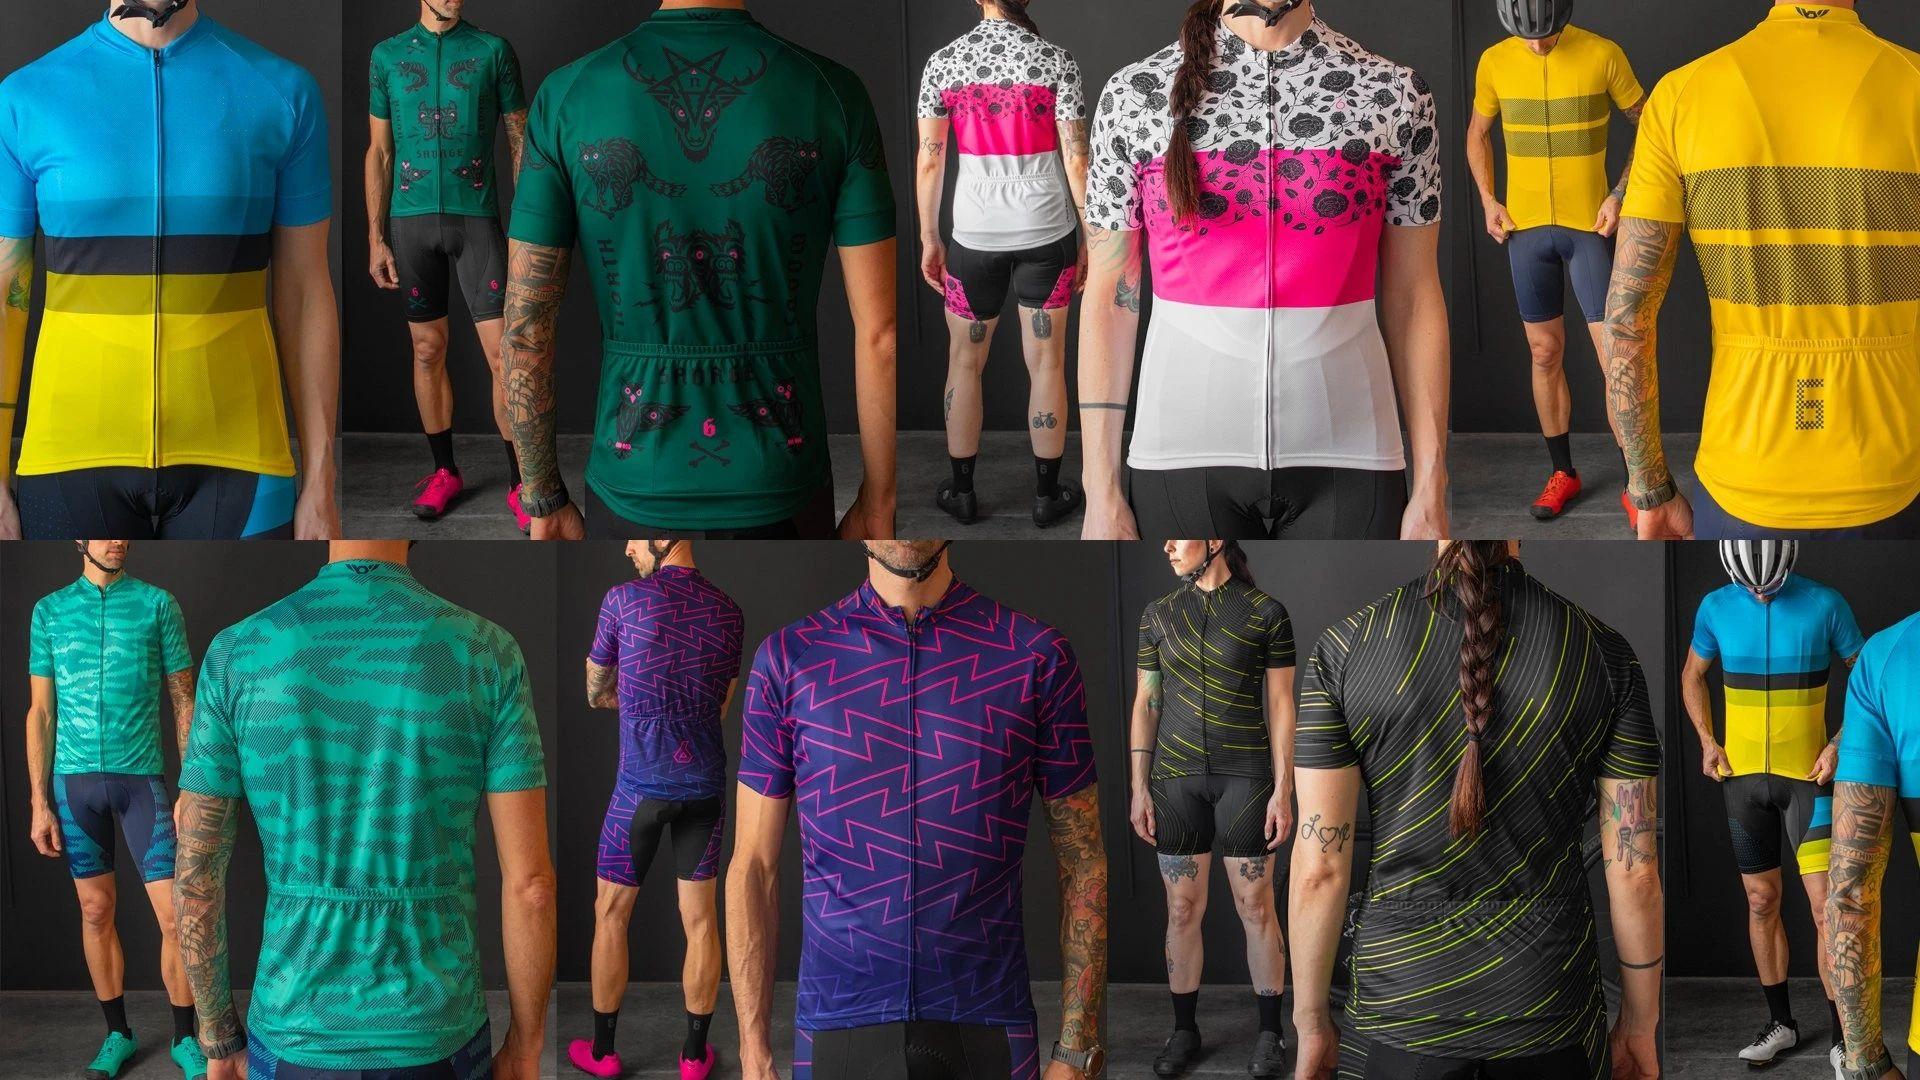 2021 Шесть про велосипедные команды с коротким рукавом Maillot Ciclismo Мужские велосипедные джерсиные наборы летние дышащие велосипедные наборы одежды